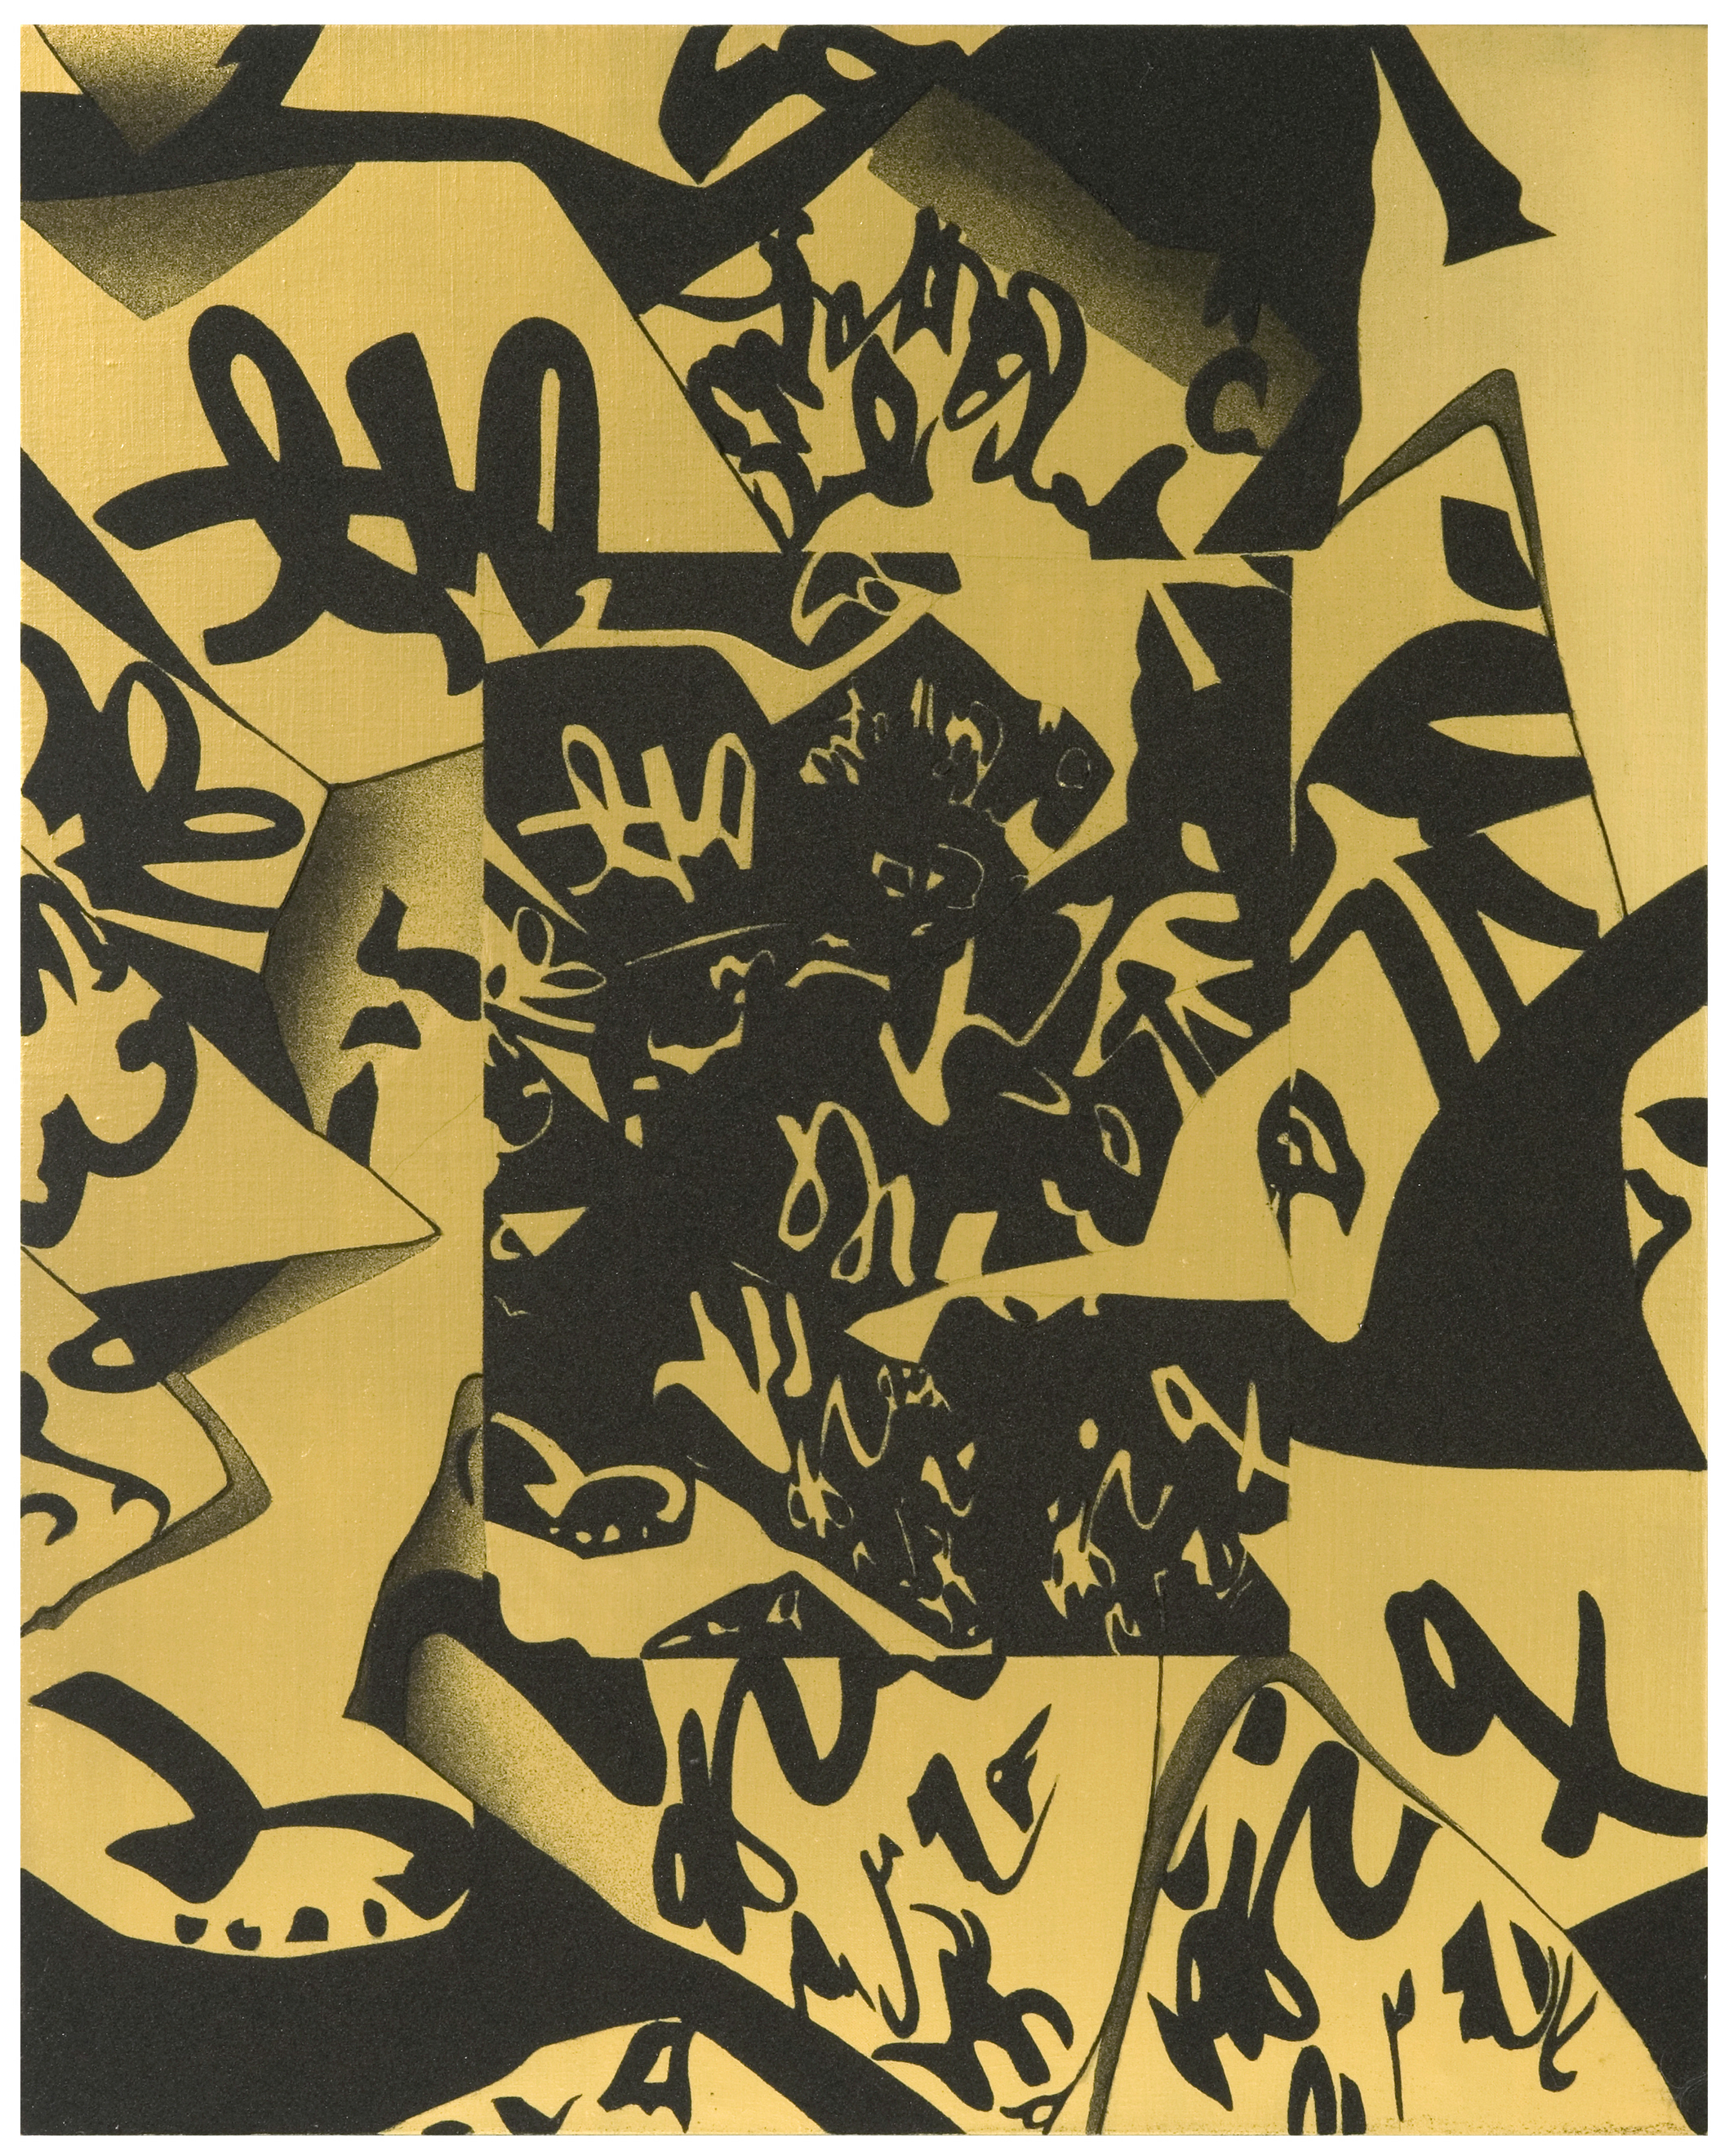 Matenità, 1997, cm 100 x 80, Acrilico e sabbia su tela